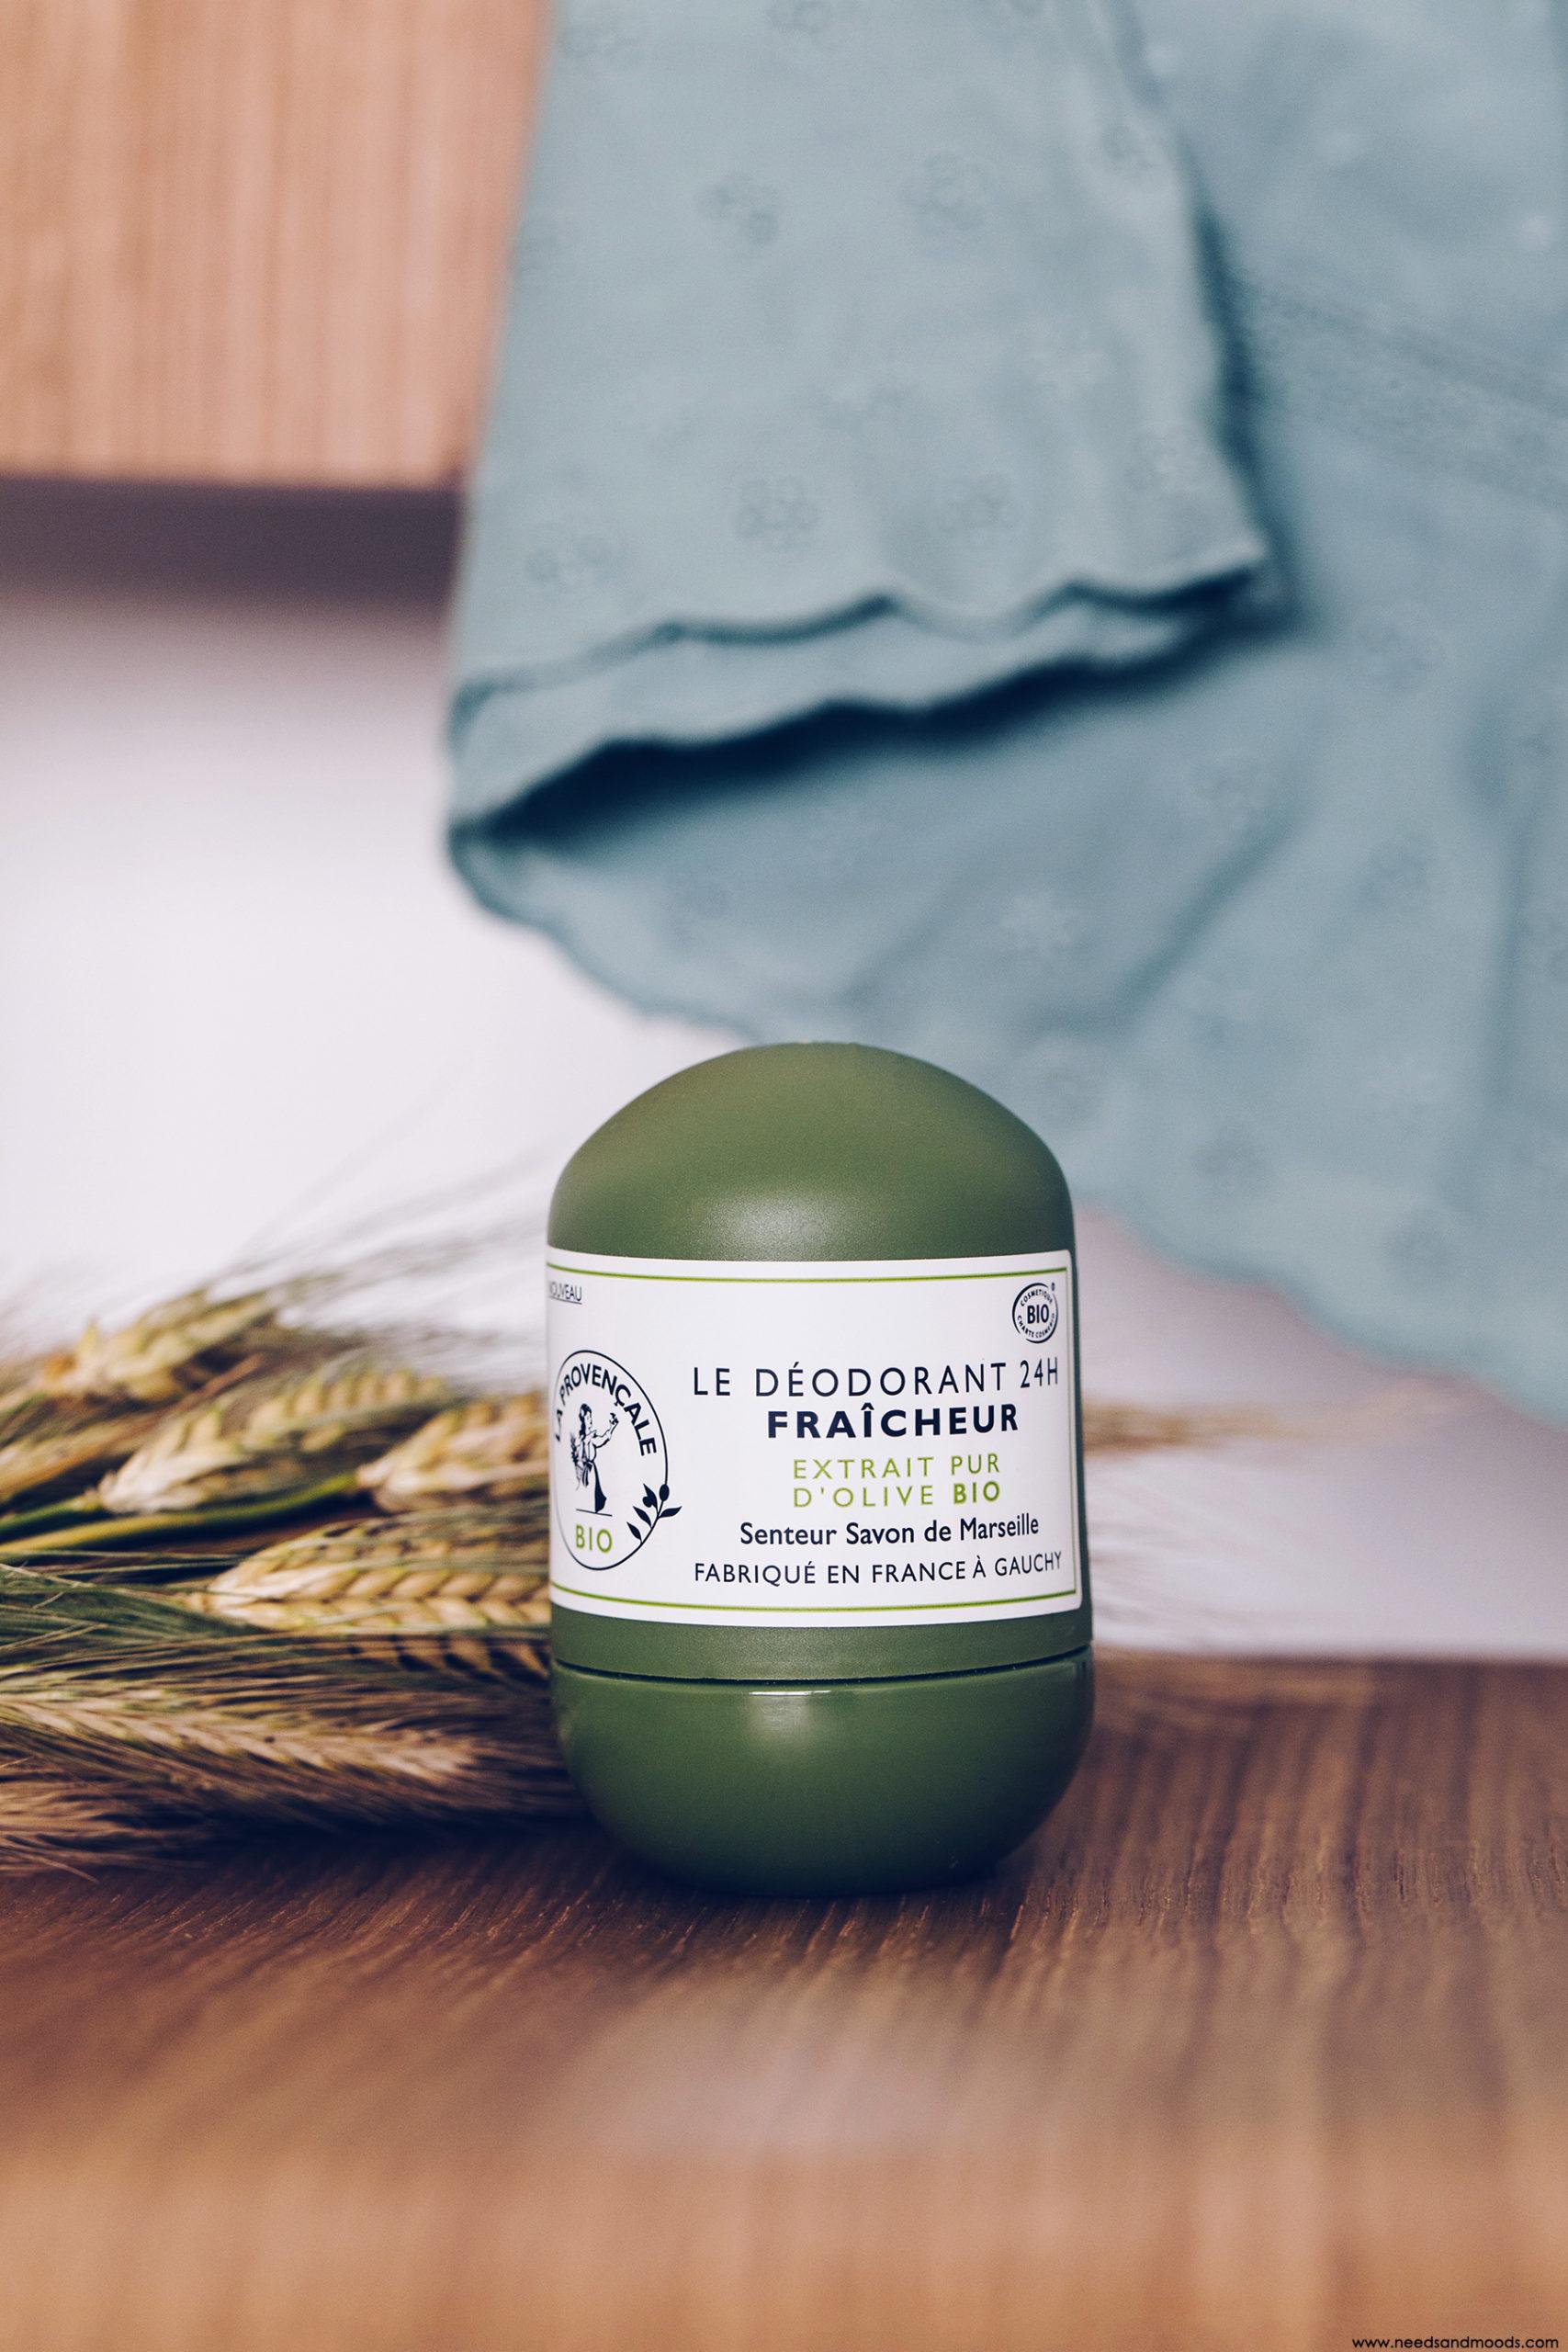 la provencale bio deodorant fraicheur 24H